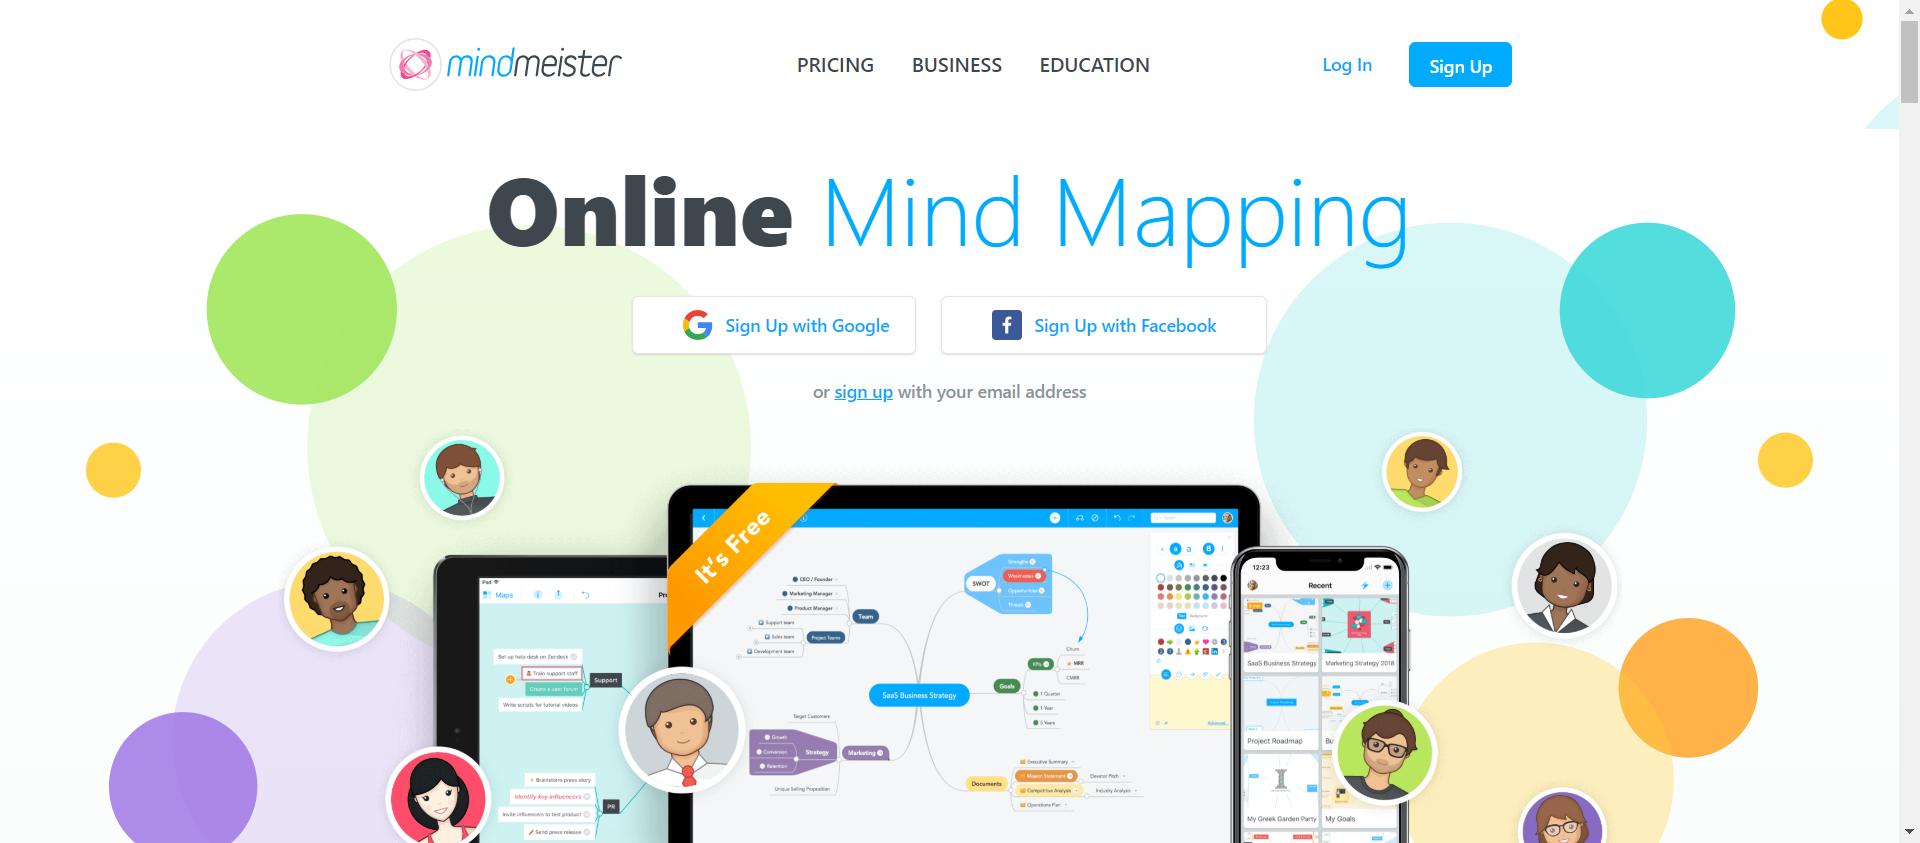 MindMeister website image